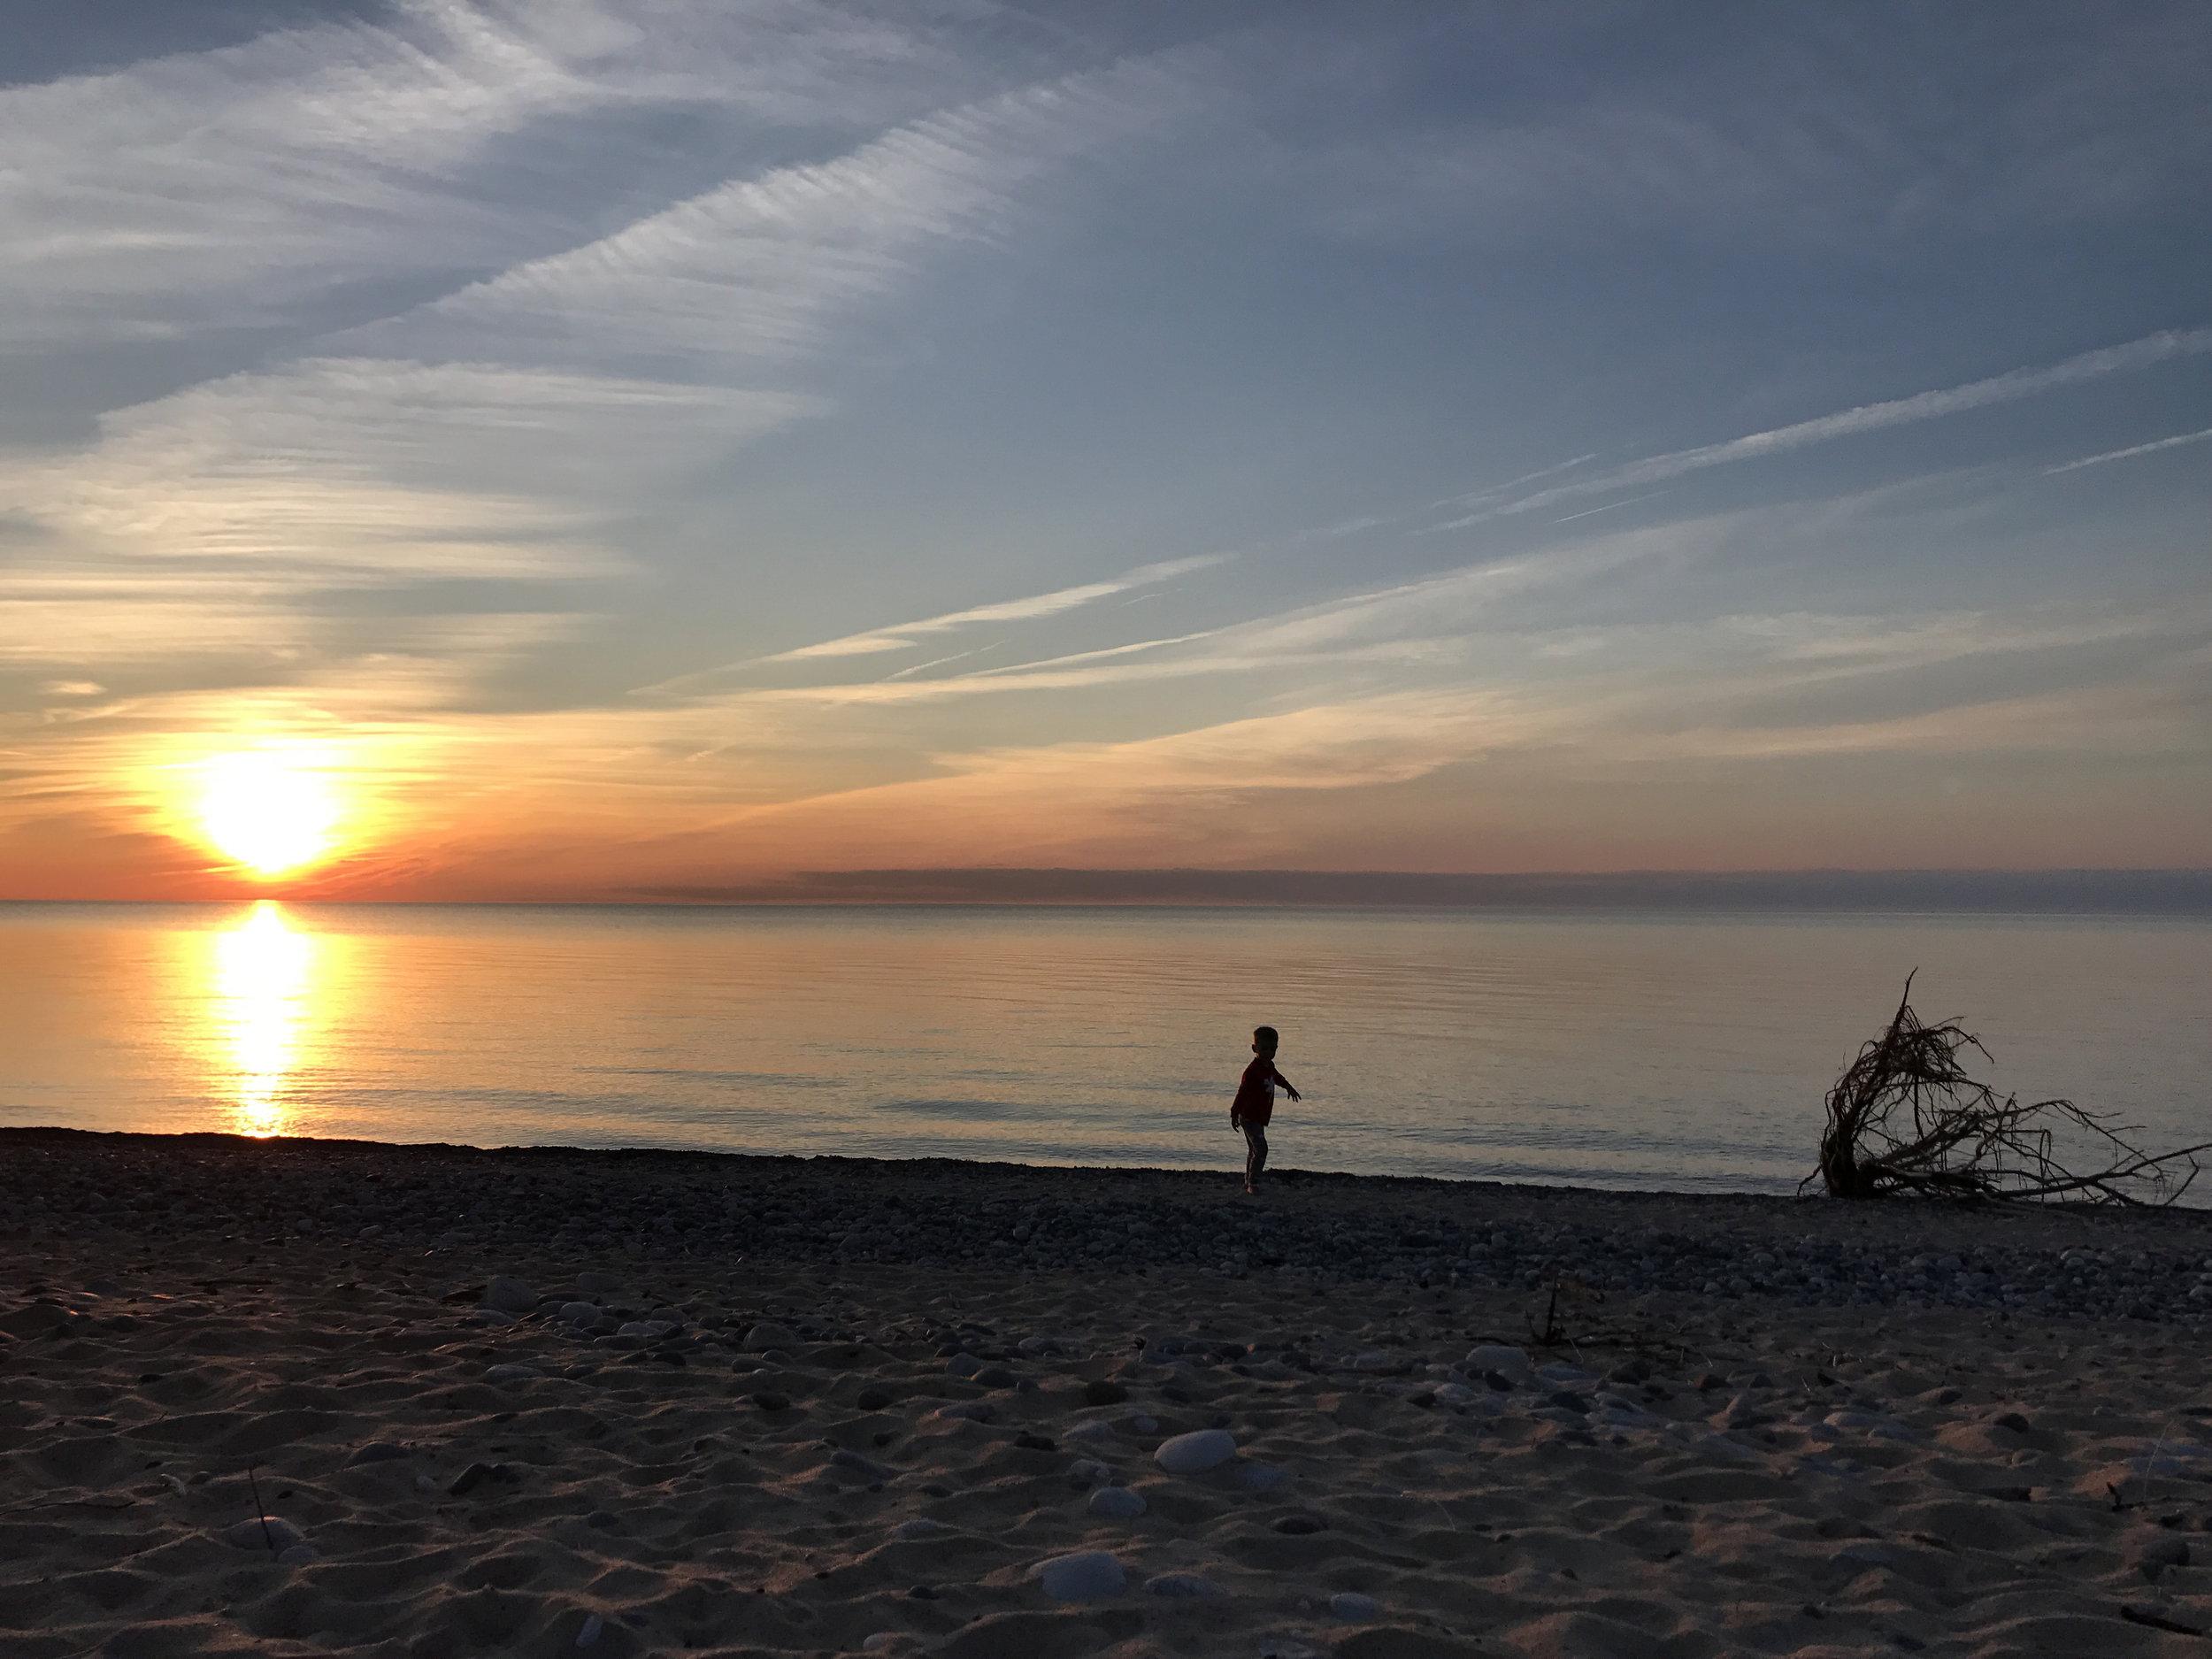 Those Michigan sunsets tho | July | Grand Marais, MI